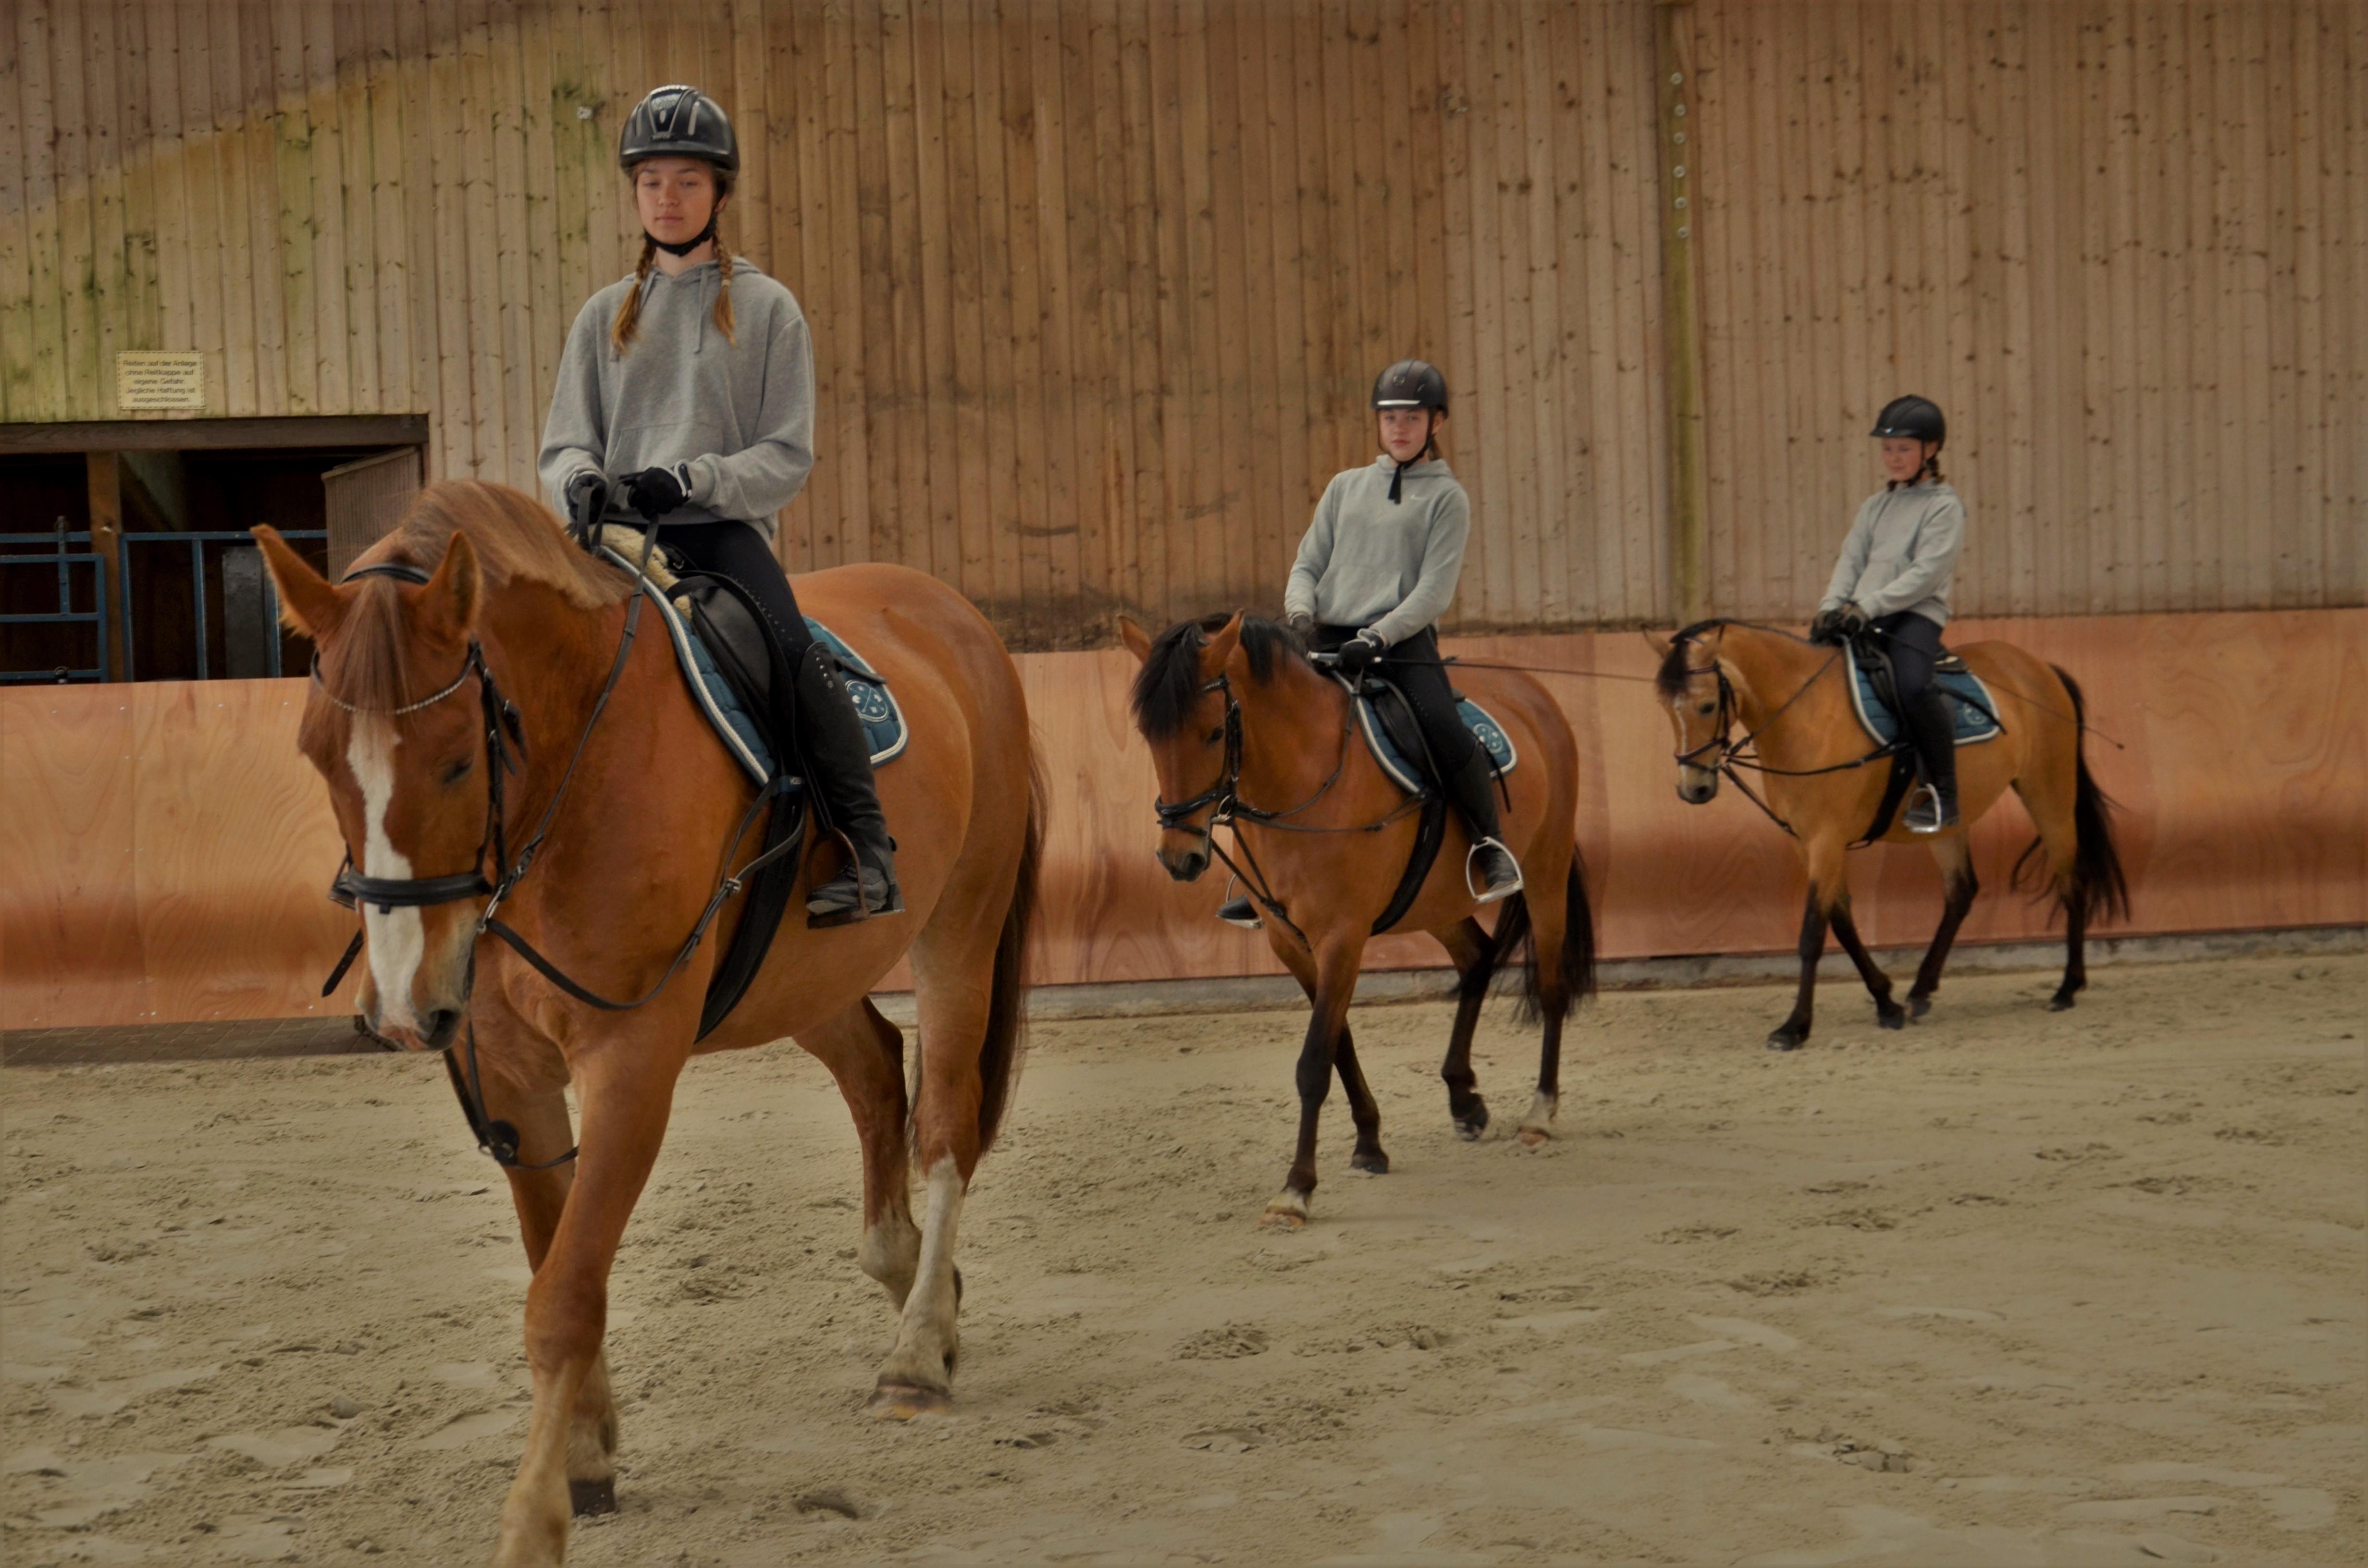 Gruppenreitunterricht bis max. 5 Reiter/innen (keine Abteilung)